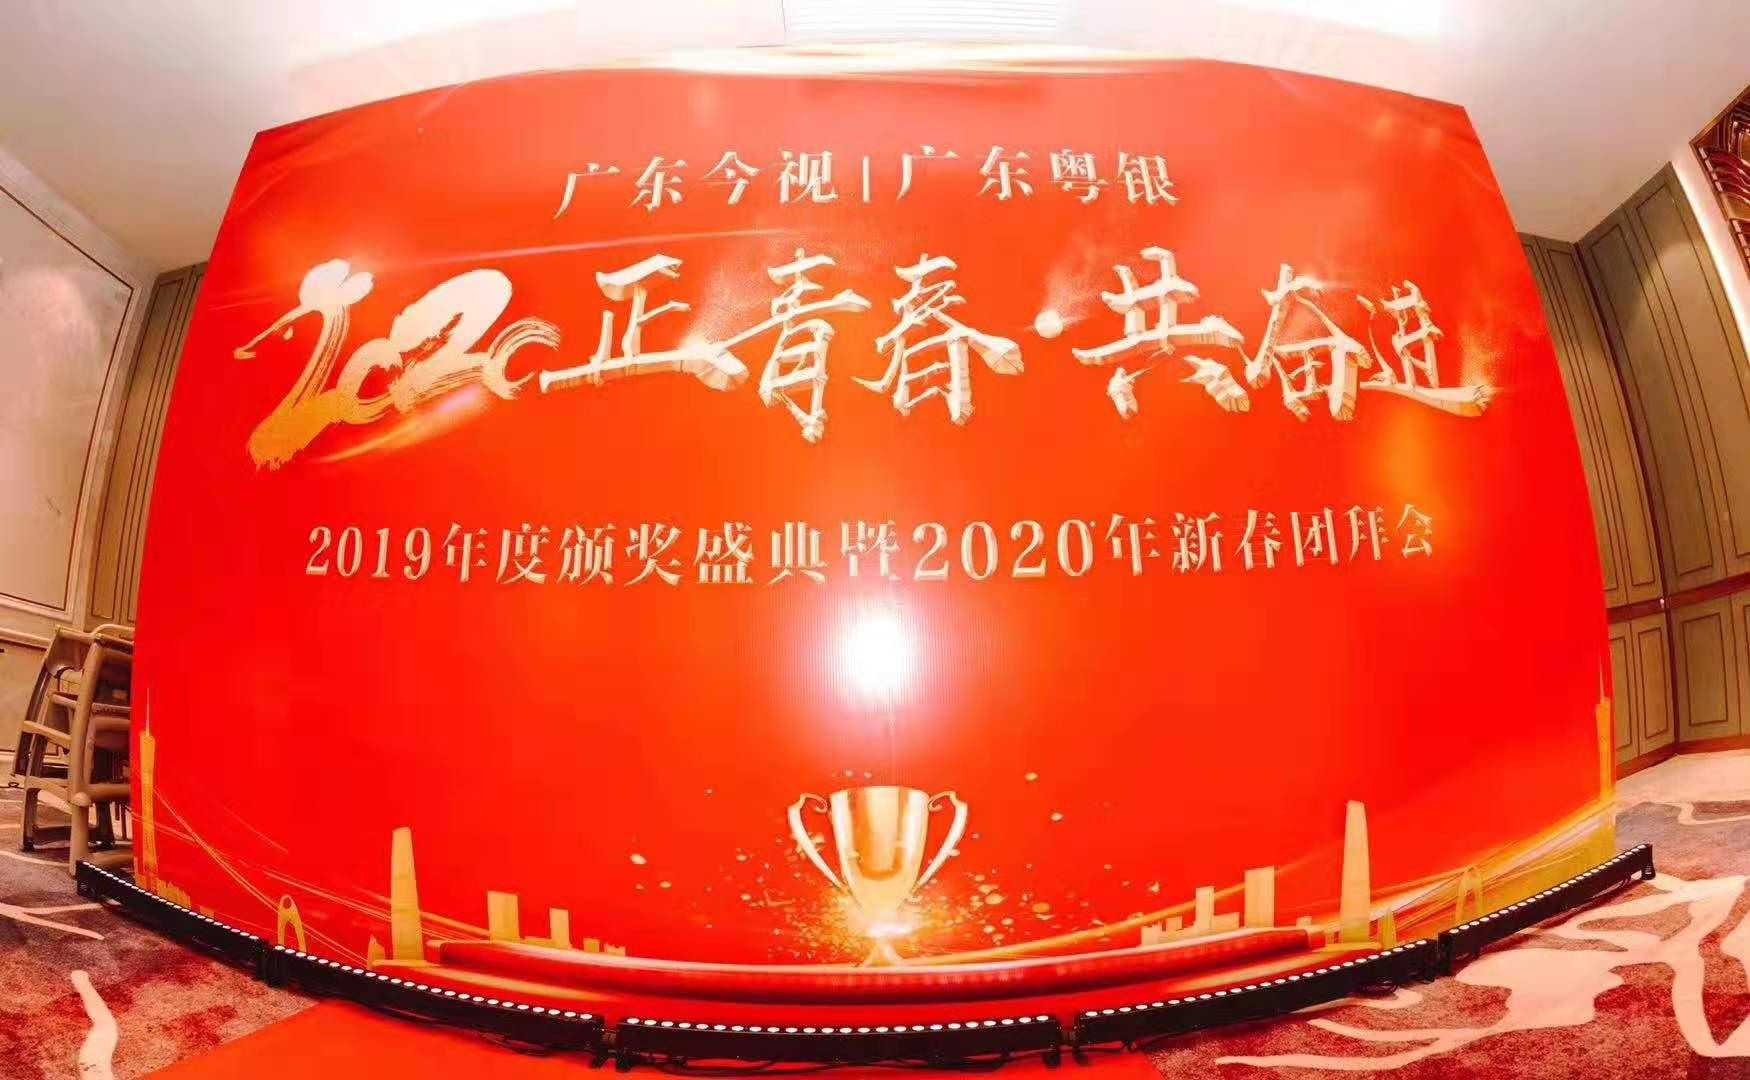 """""""正青春·共奋进"""" 广东今视传媒2020年度颁奖盛典,难忘的记忆"""